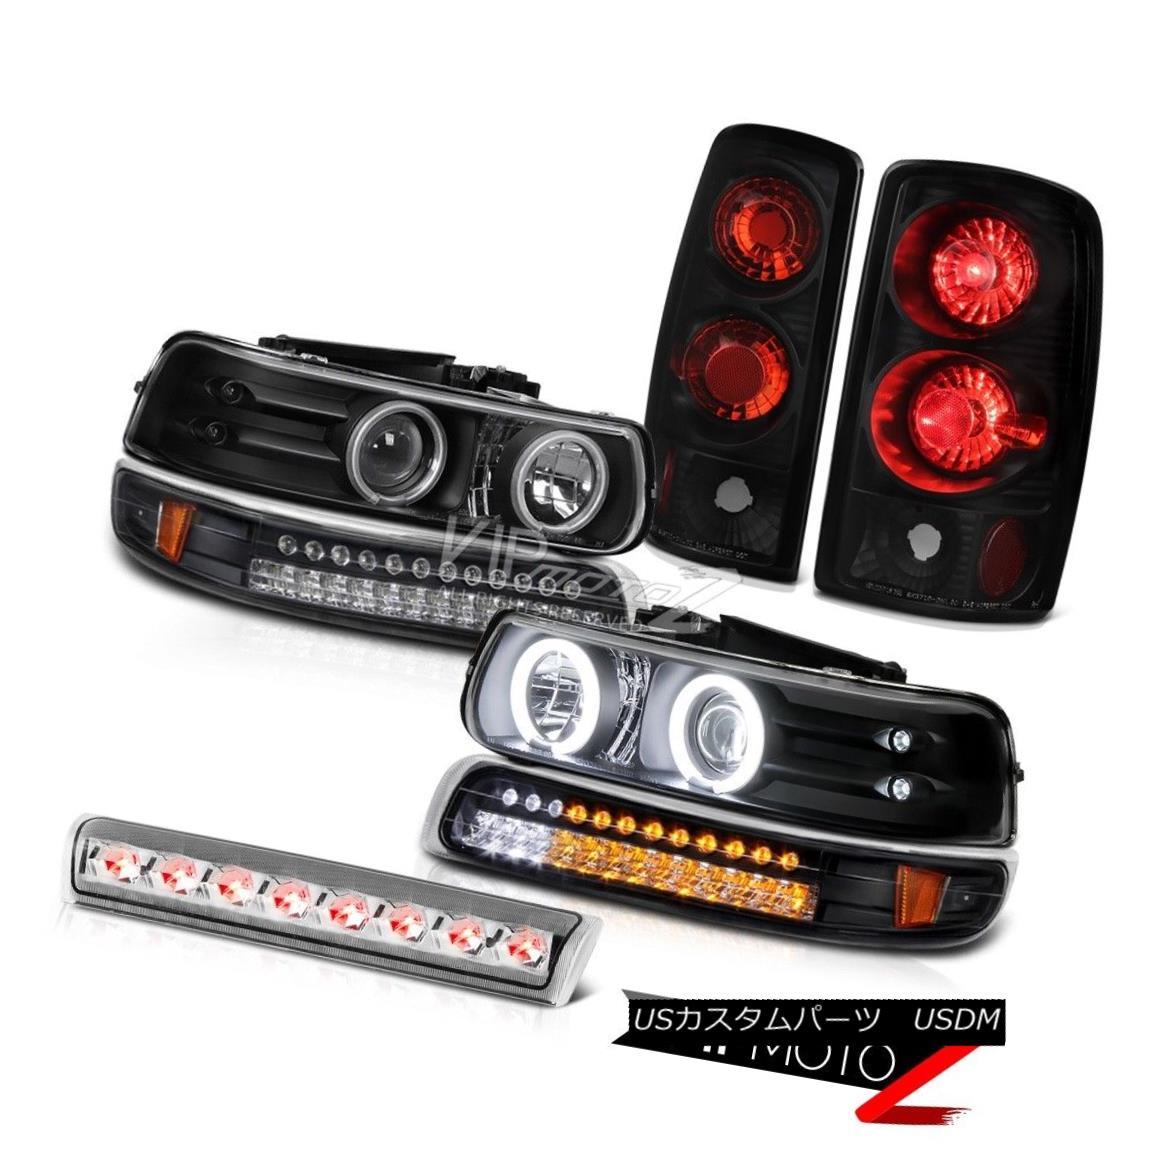 ヘッドライト 2X Black CCFL Projector Headlights LED Rear Lamps 3rd Brake 2000-06 Suburban LS 2XブラックCCFLプロジェクターヘッドライトLEDリアライト第3ブレーキ2000-06郊外LS